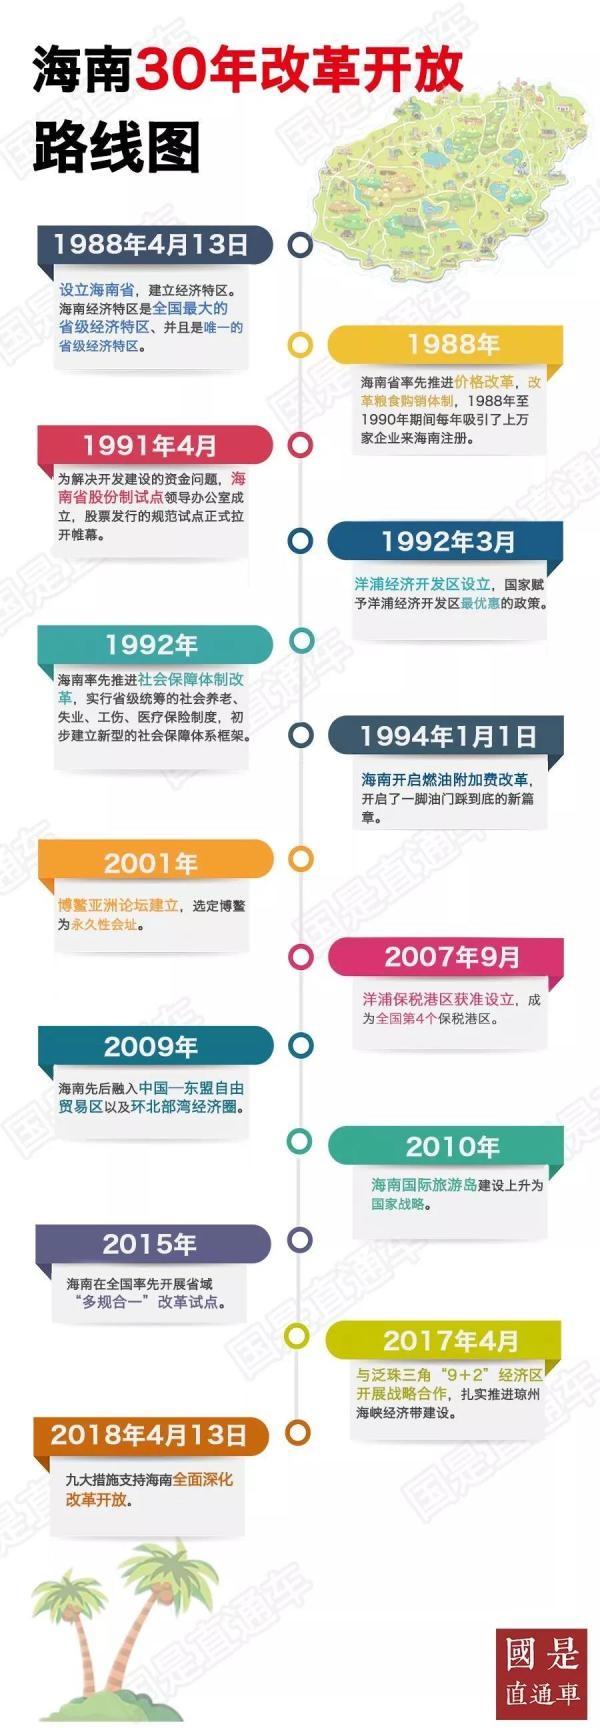 必发彩票正规吗:海南新发展路线图:建设自由贸易试验区对海南意味着什么